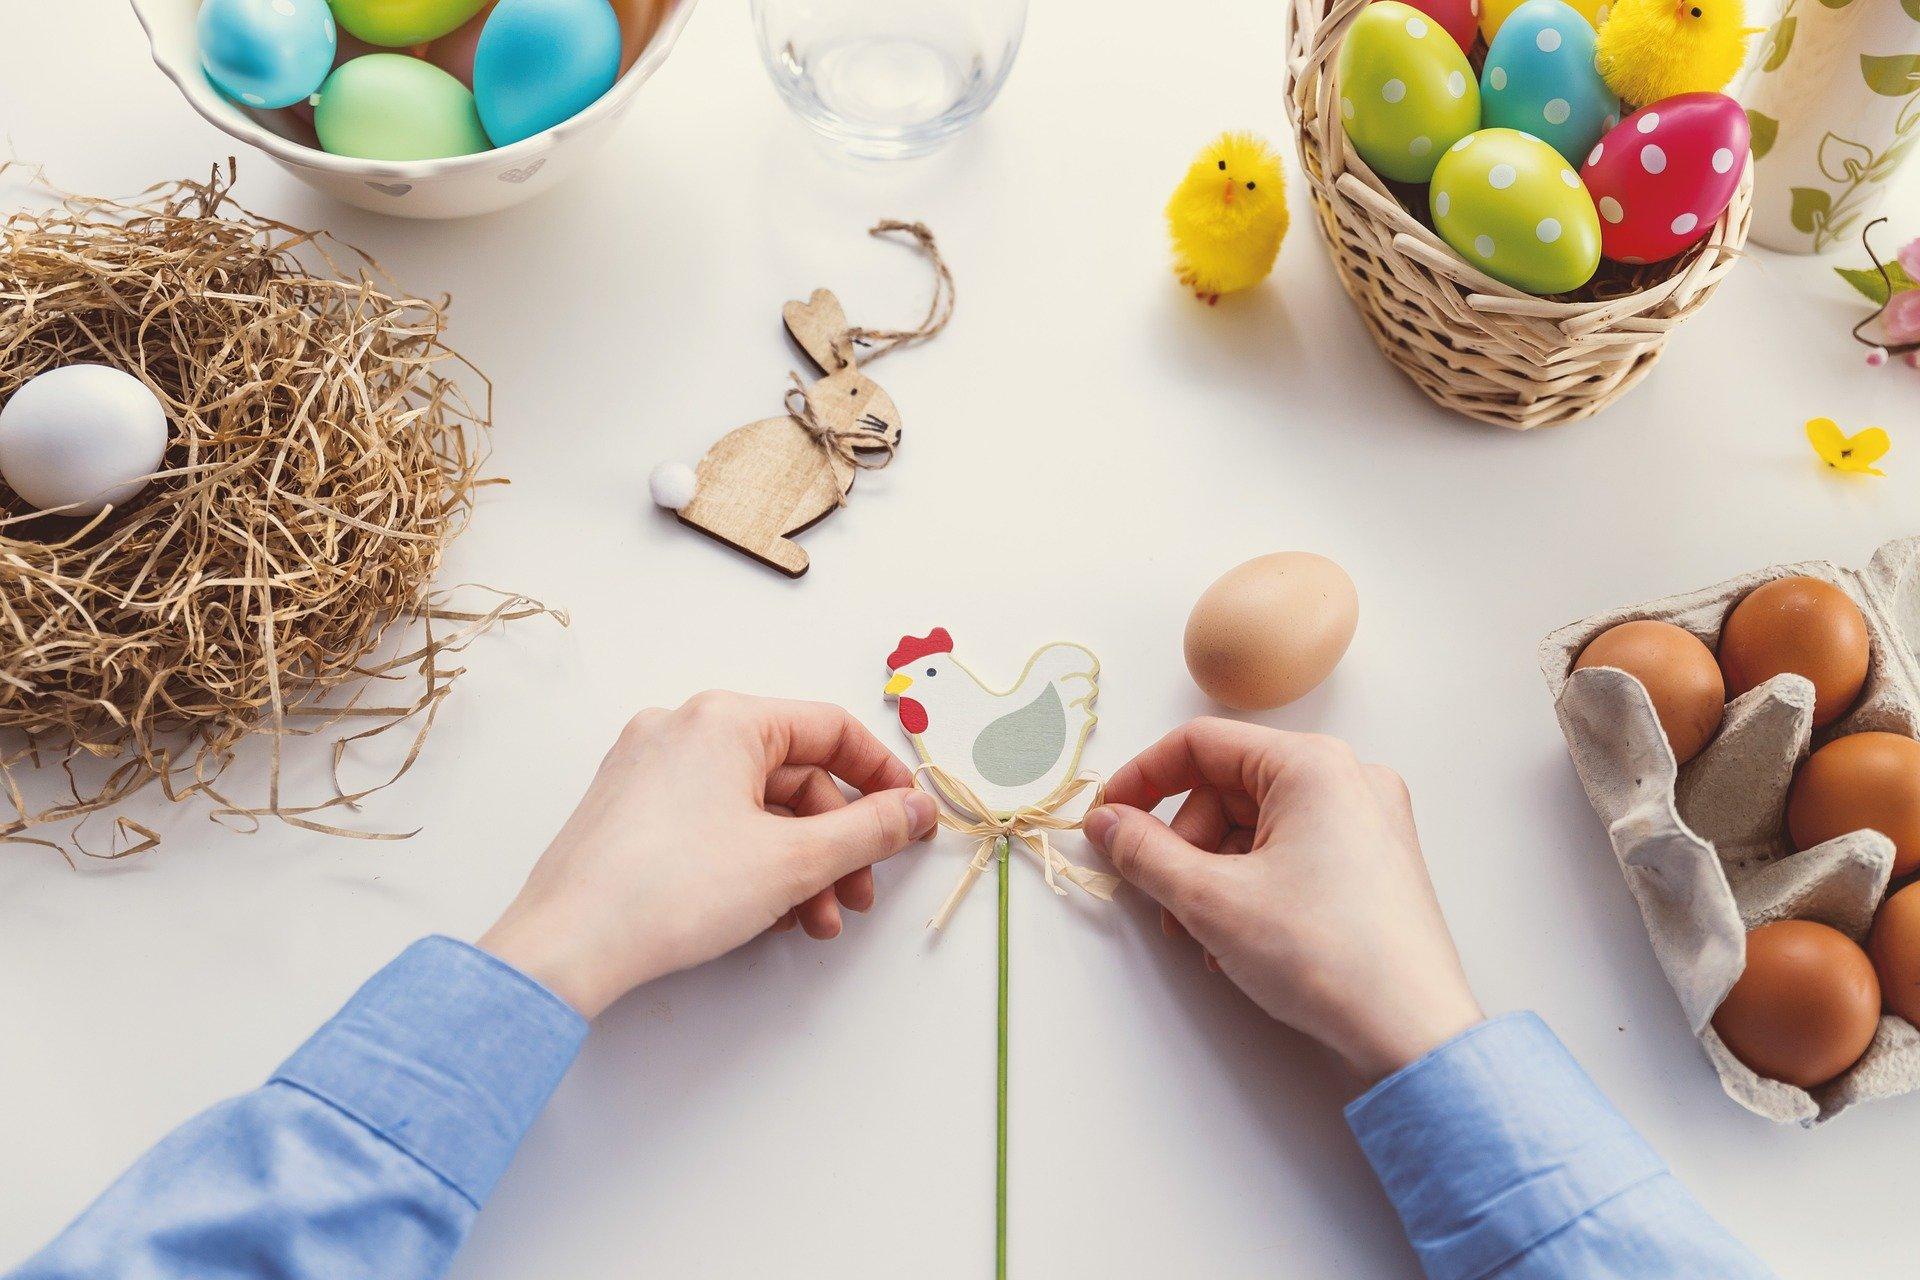 Come apparecchiare la tavola a Pasqua: i consigli